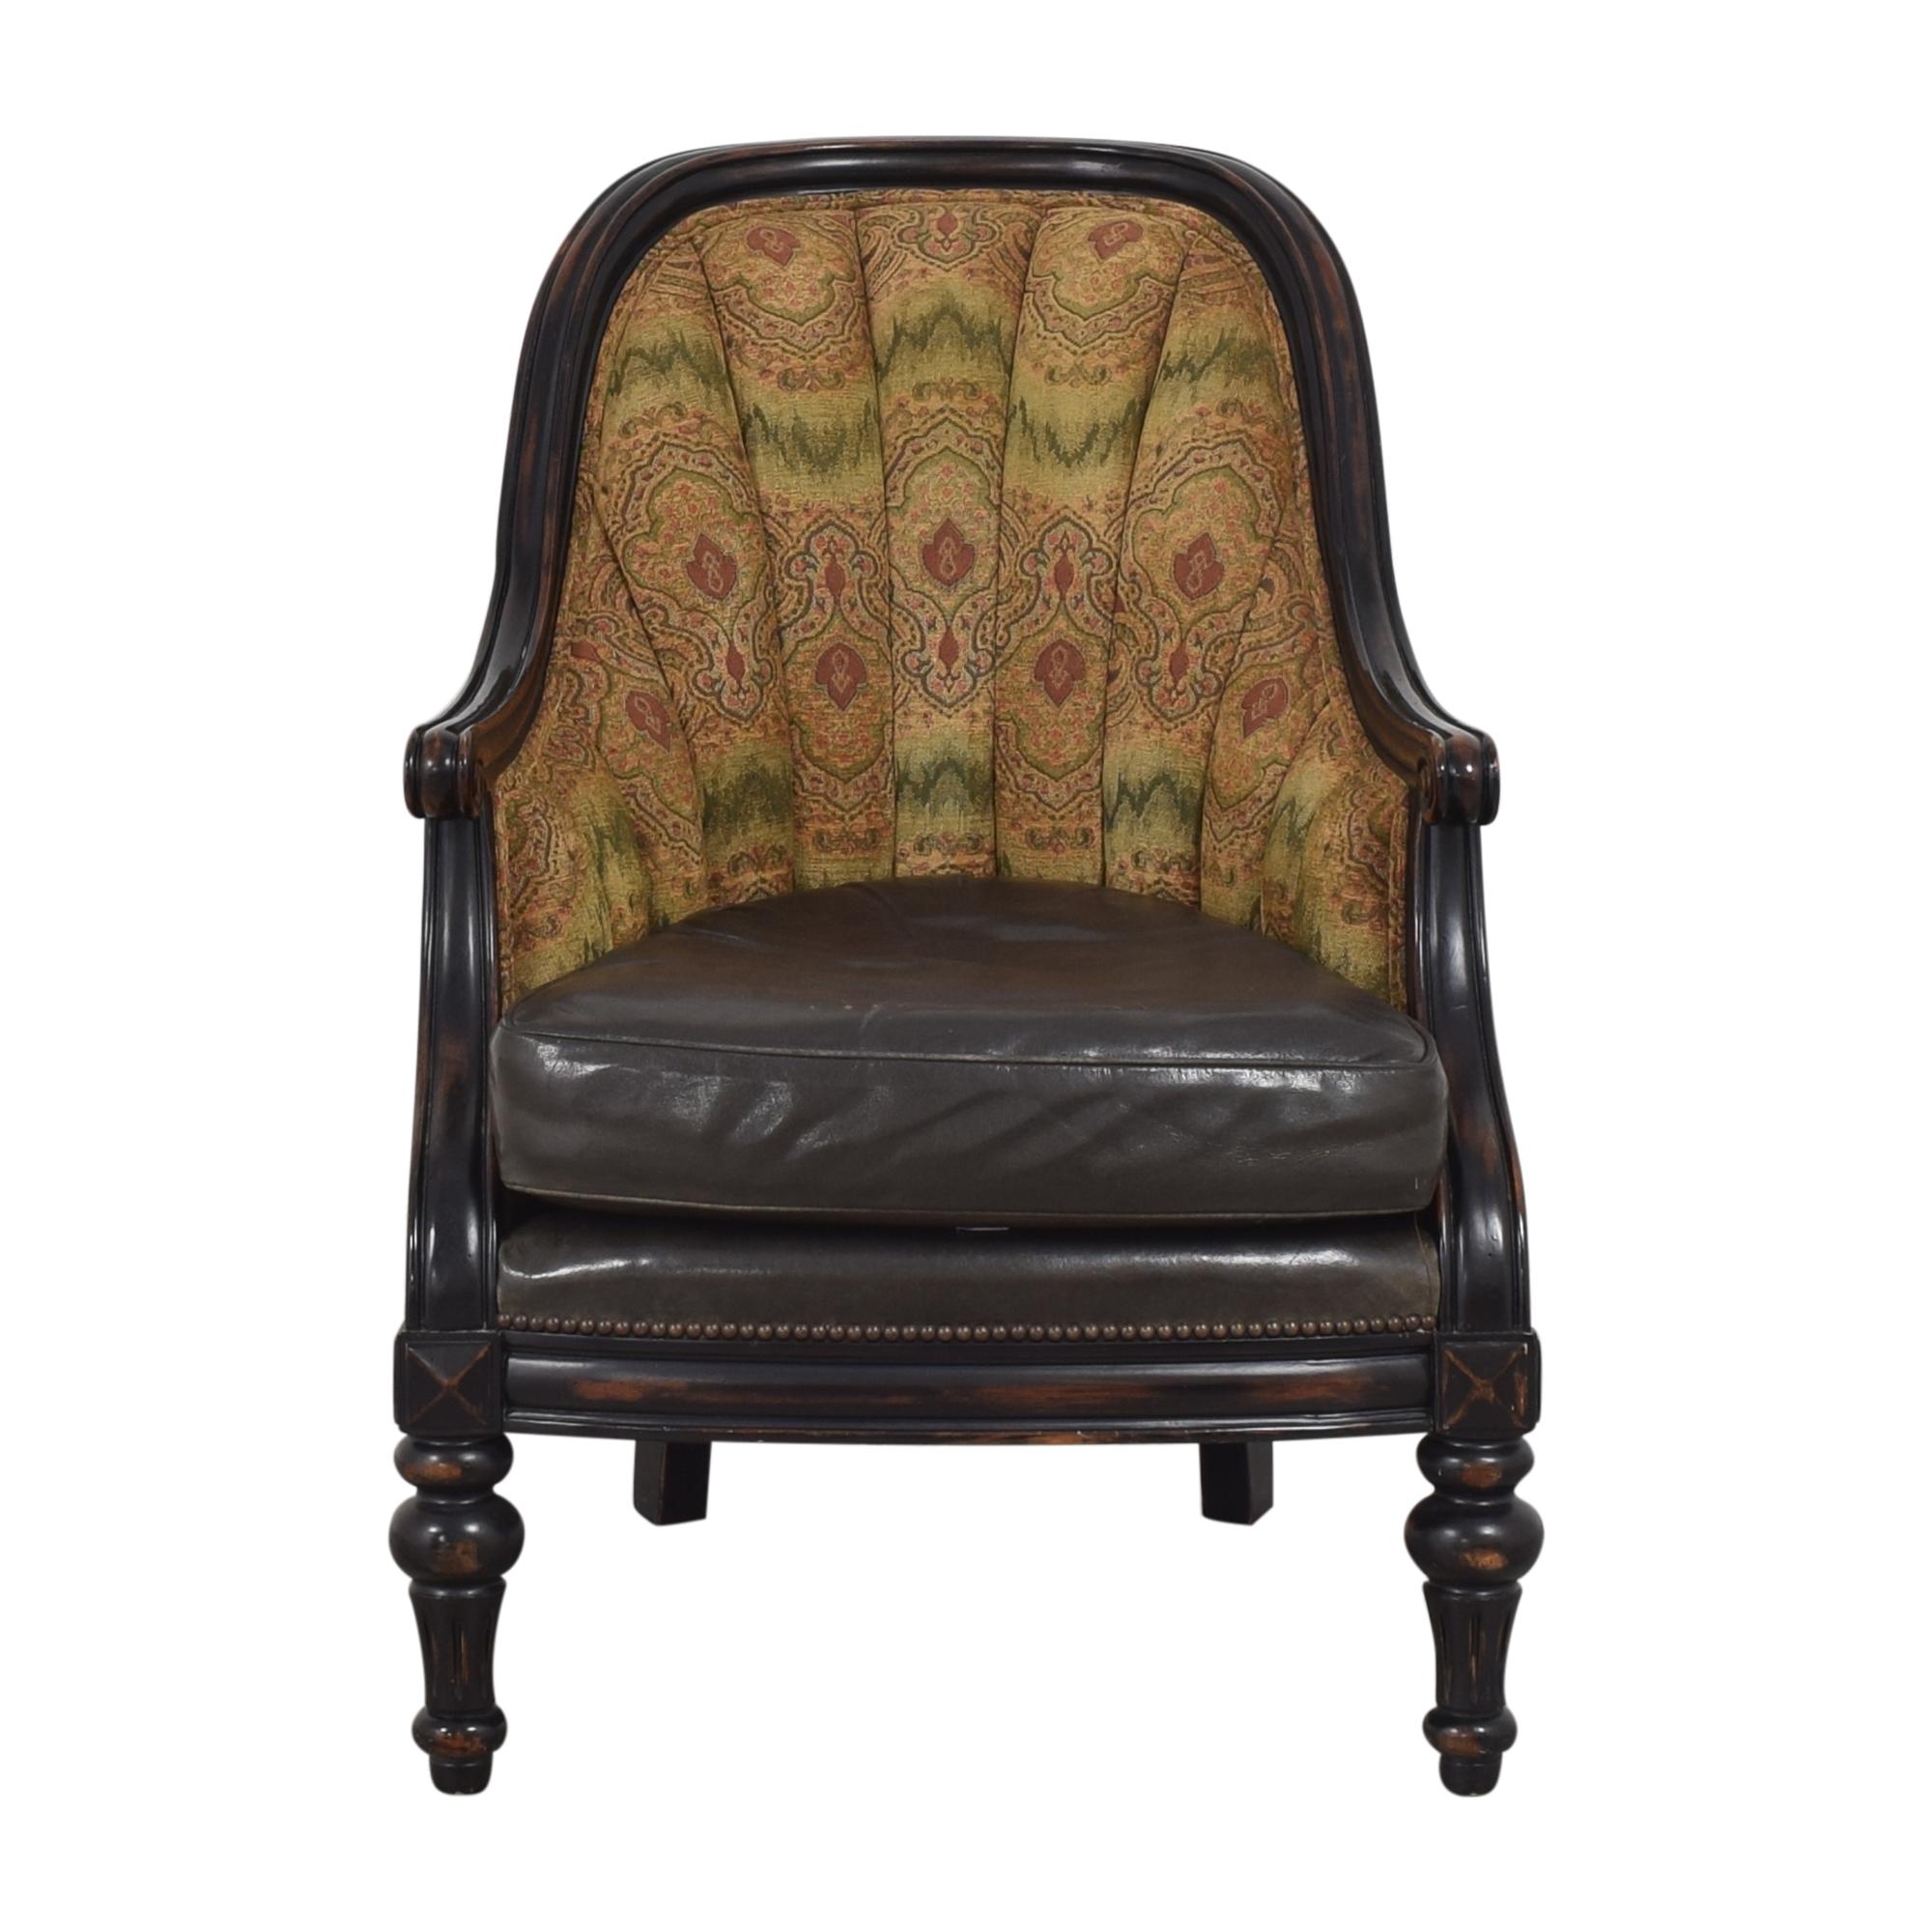 Vanguard Craftwork Accent Chair sale